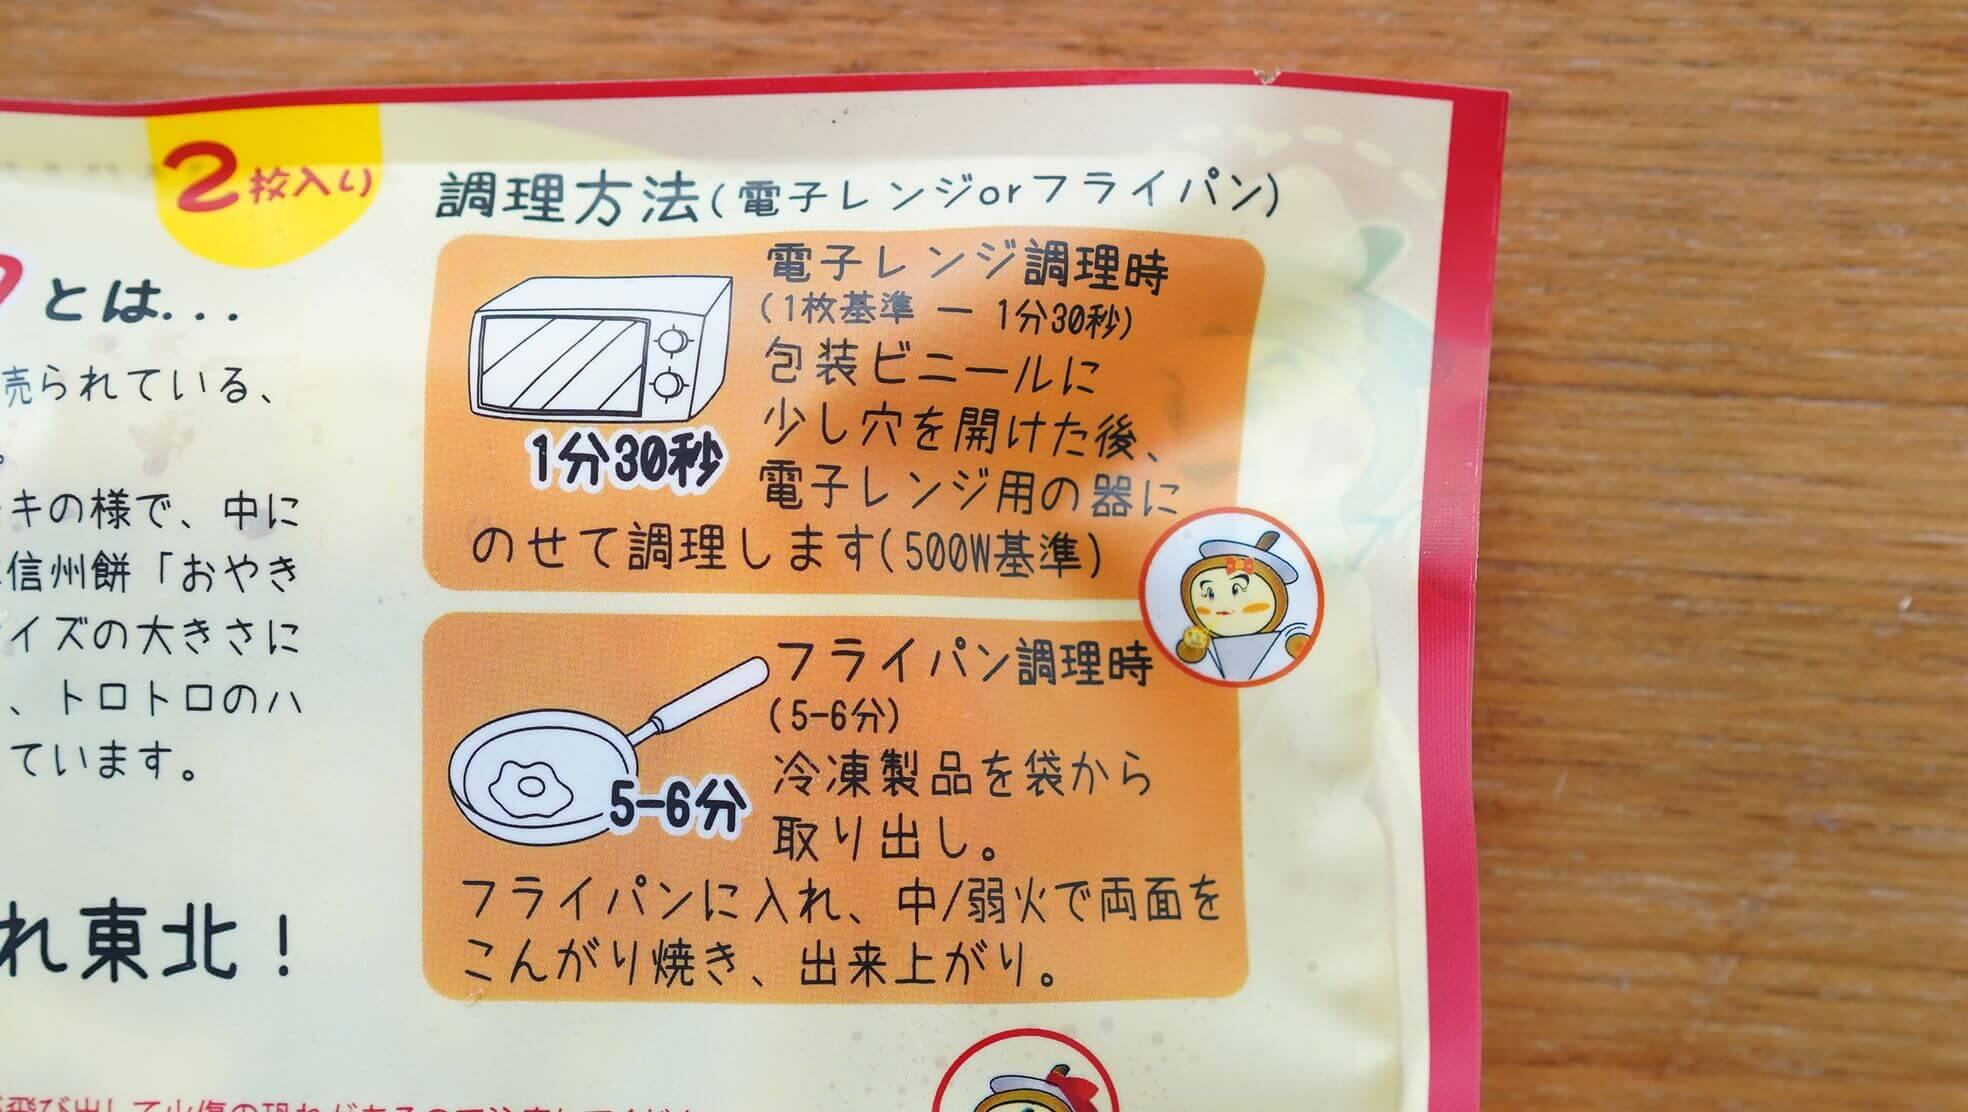 新大久保の人気店「ジョンノ・ホットク」のお取り寄せ用「冷凍ホットク」のパッケージ裏面の調理方法の写真